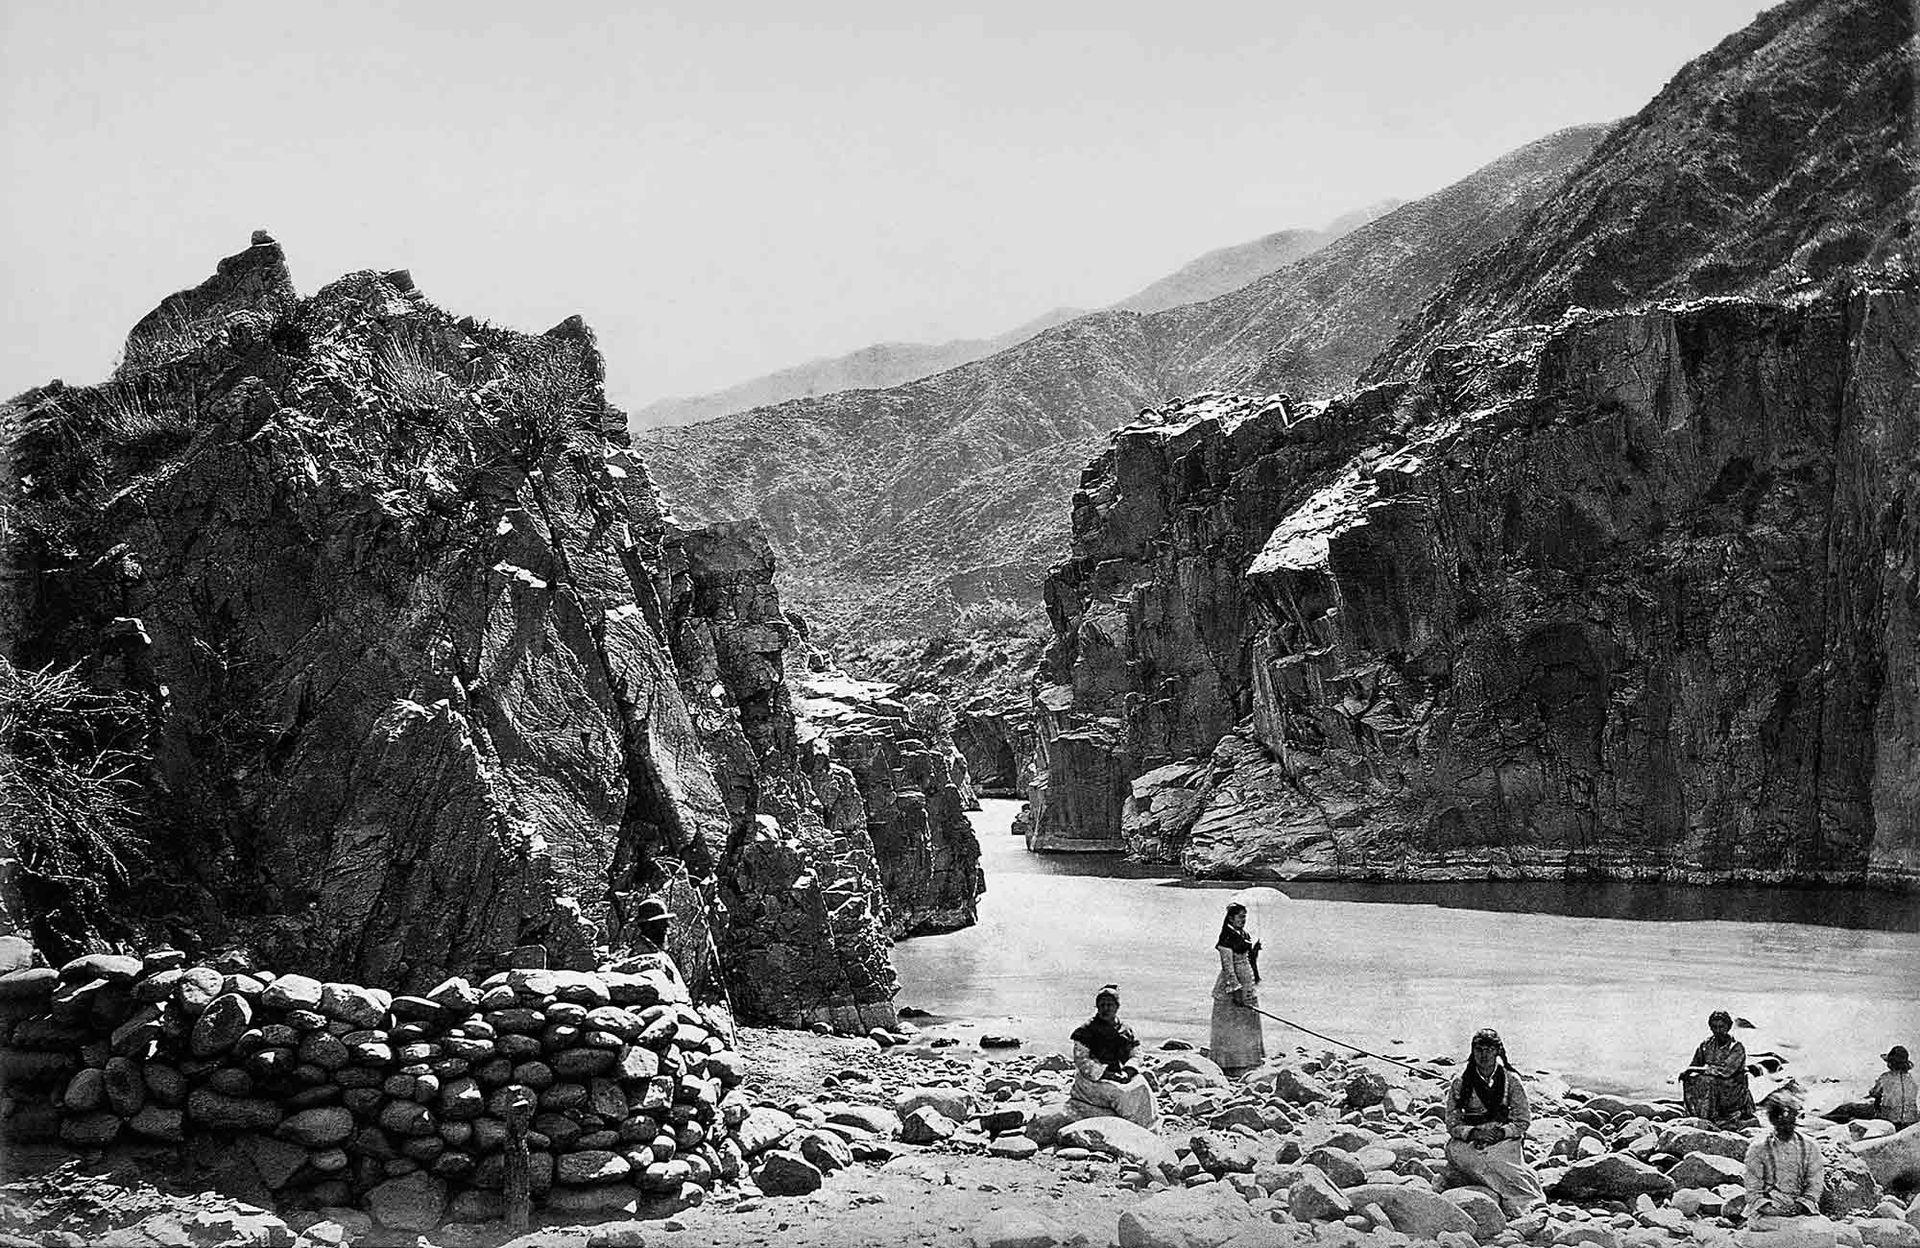 Baños en el río en la provincia de Mendoza.